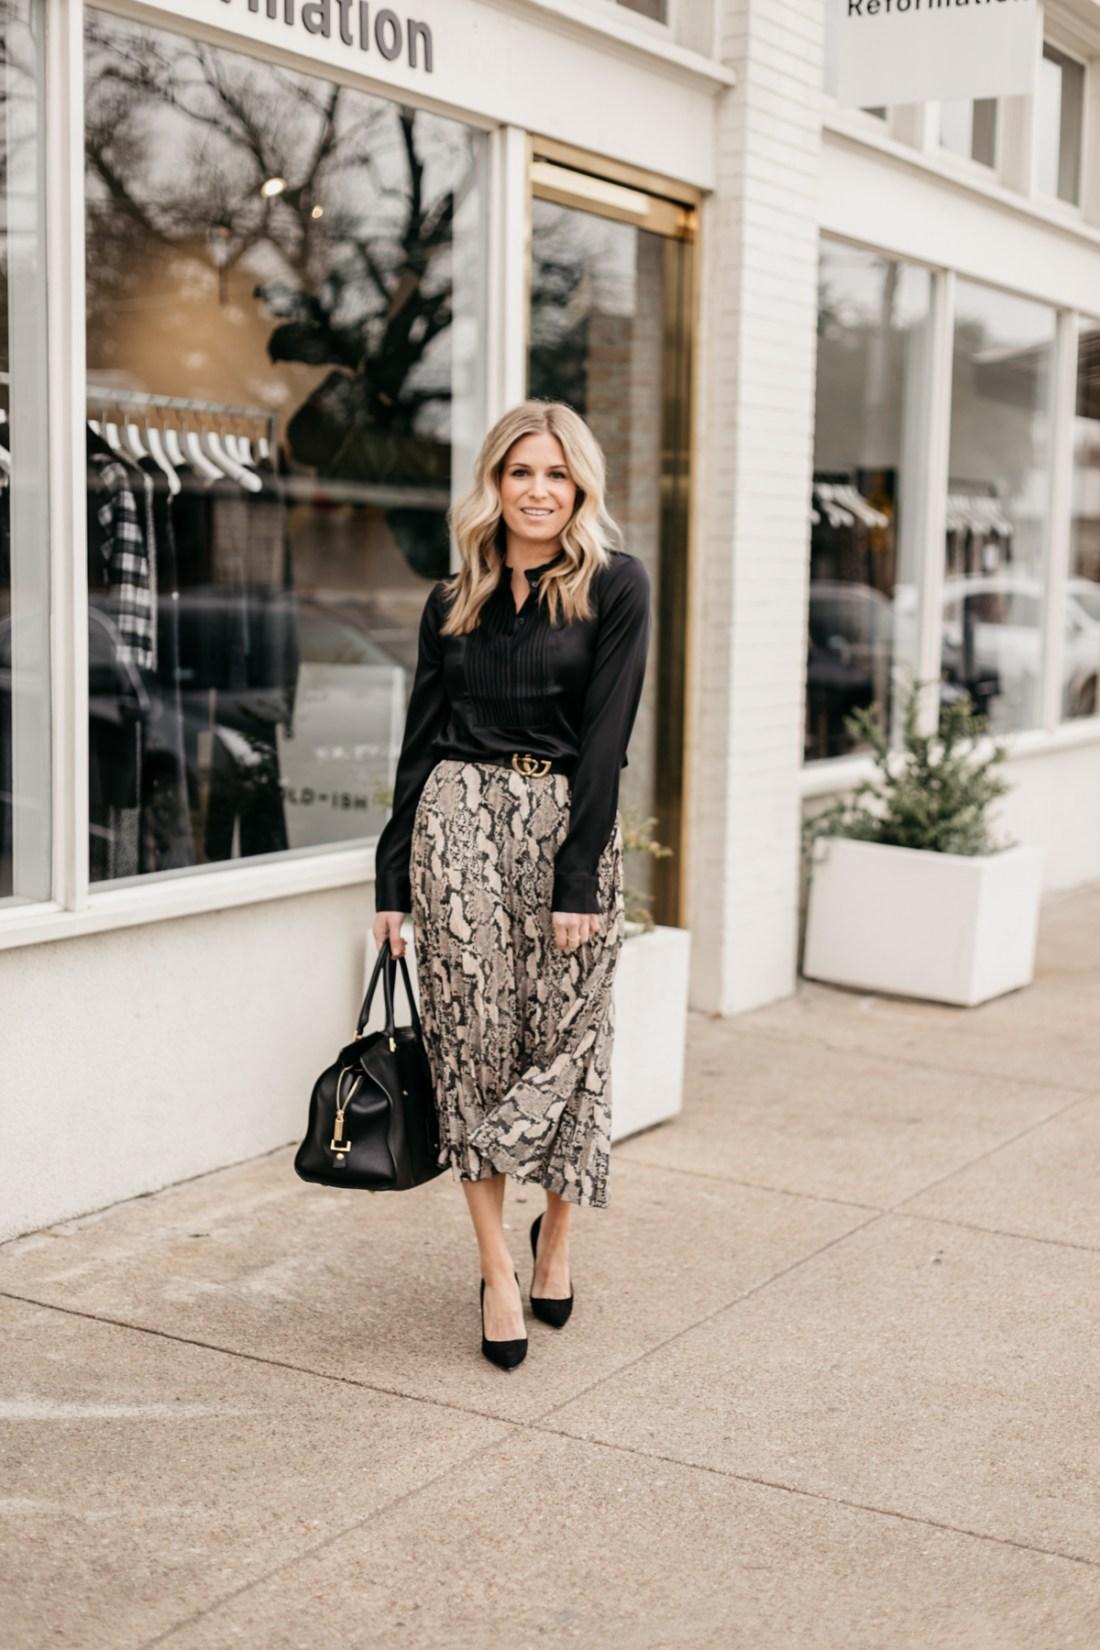 Leopard Skirt // Black Blouse // Black Heels // Gucci Belt (dupe here)